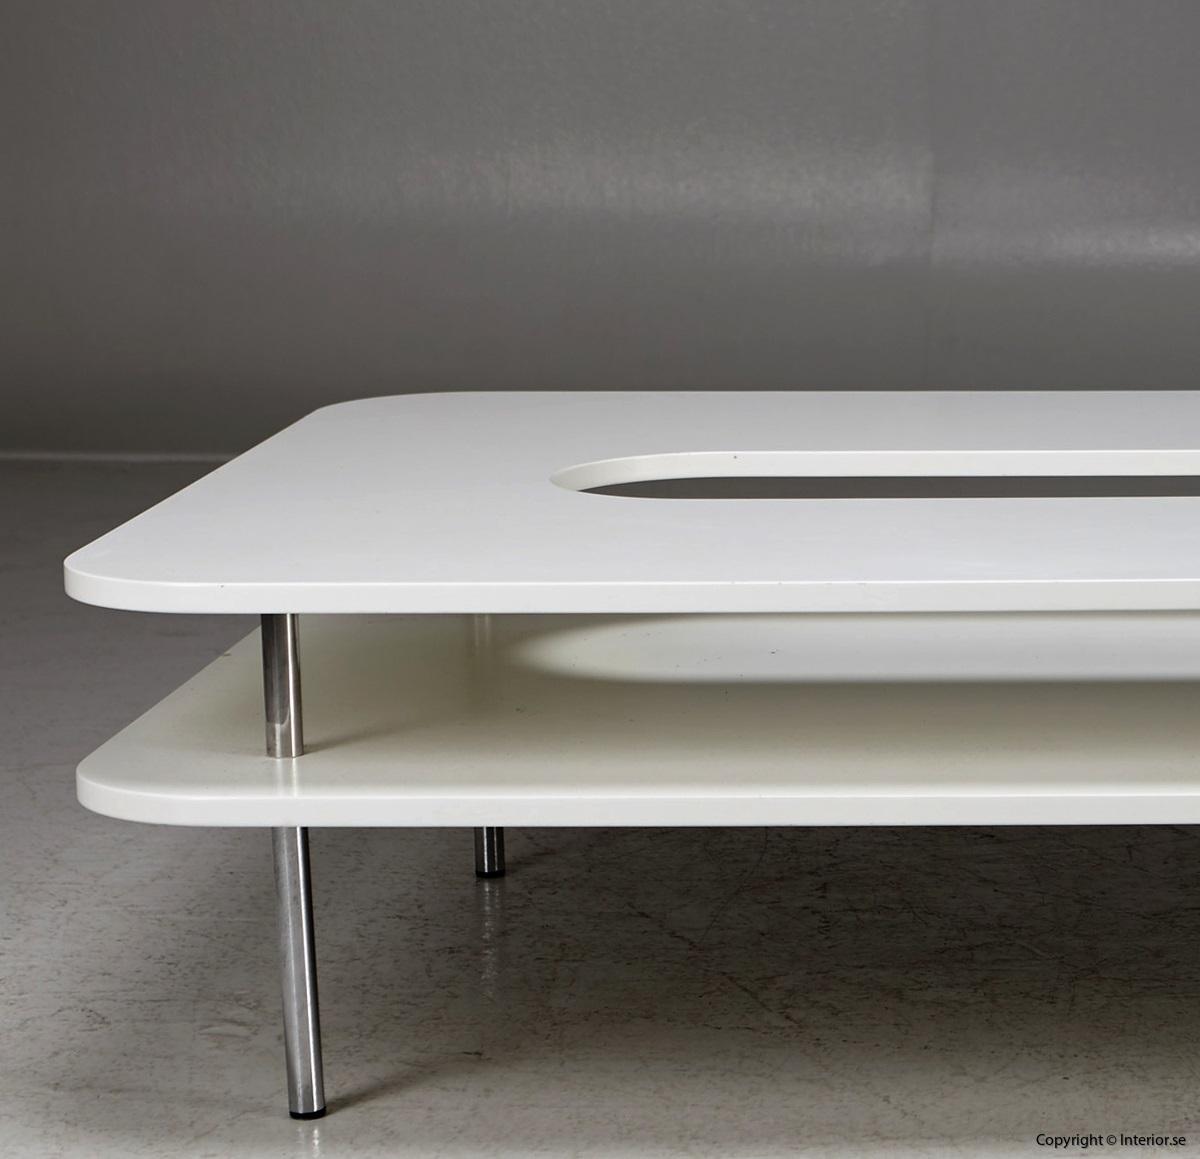 1 Soffbord, Offecct Dual - Eero Koivisto (3)